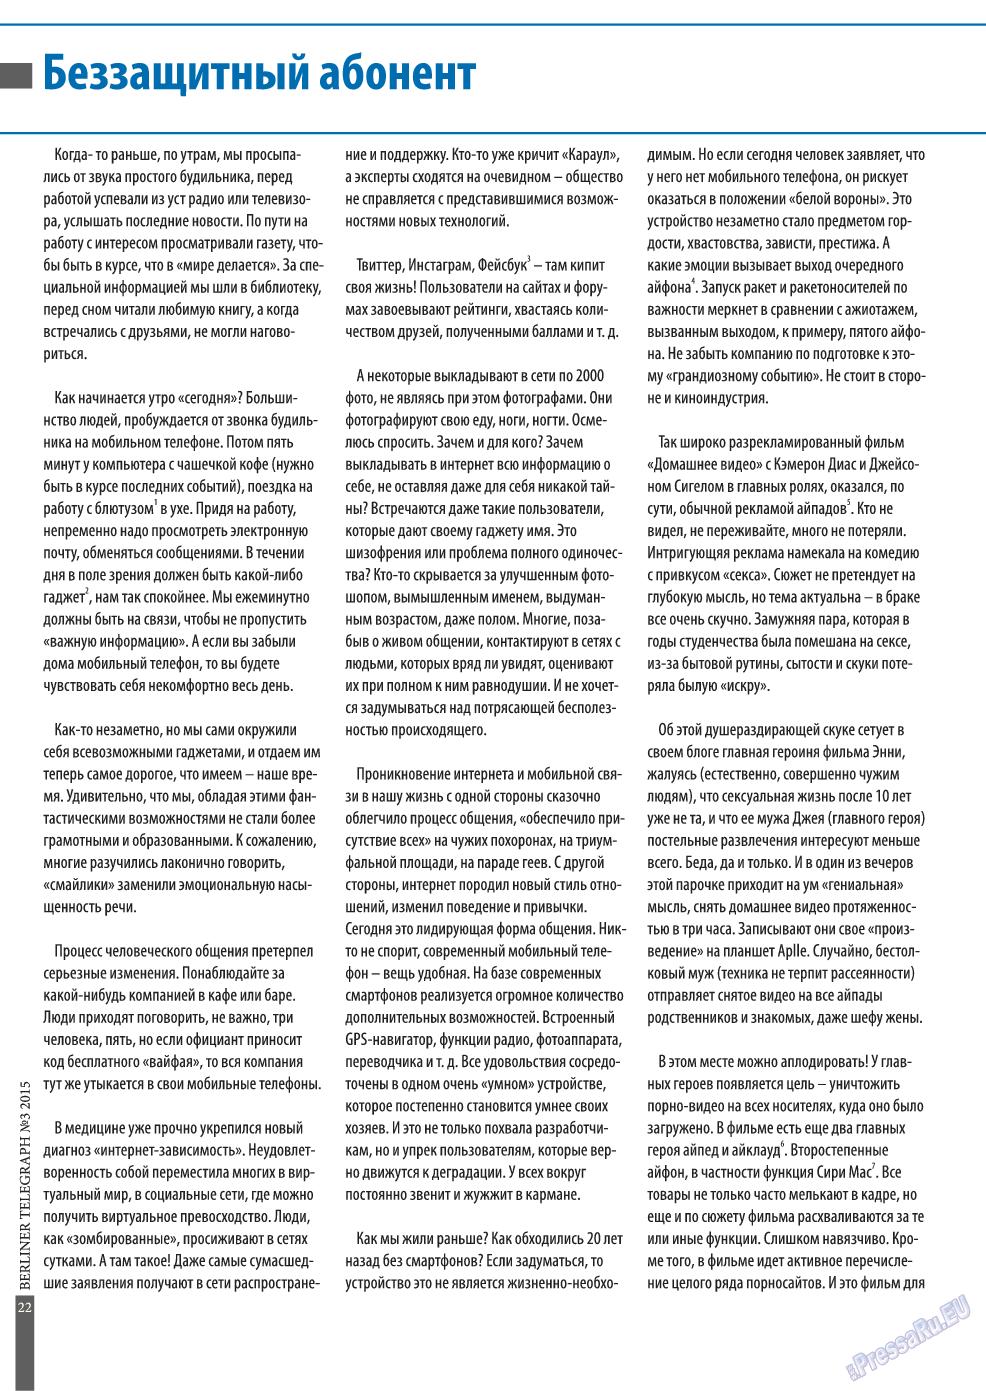 Берлинский телеграф (журнал). 2015 год, номер 3, стр. 22